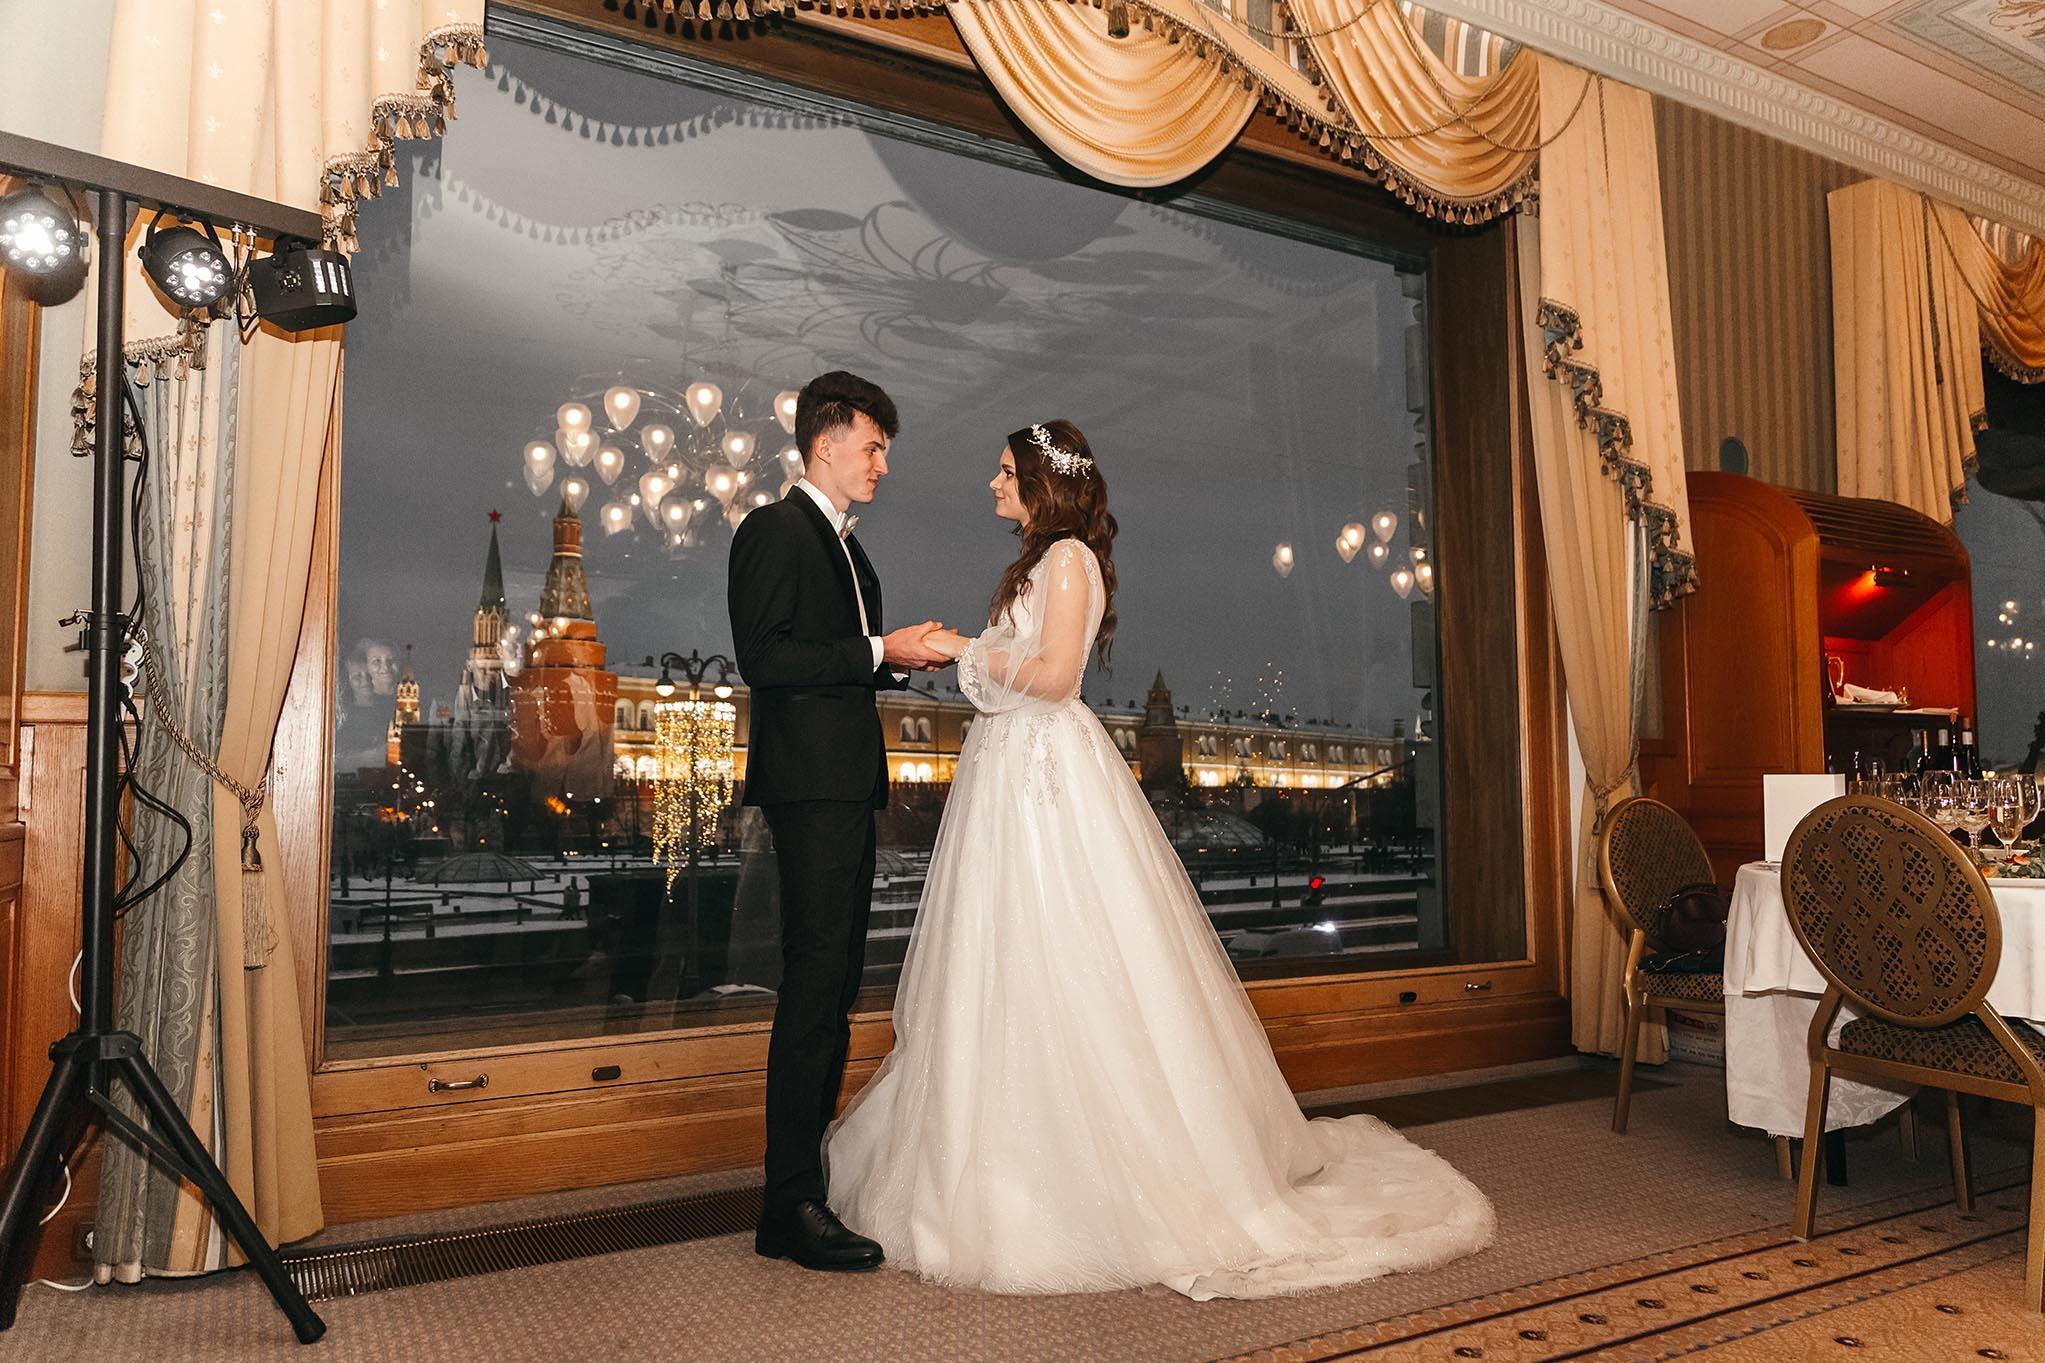 фотосъемка свадьбы в отеле Националь